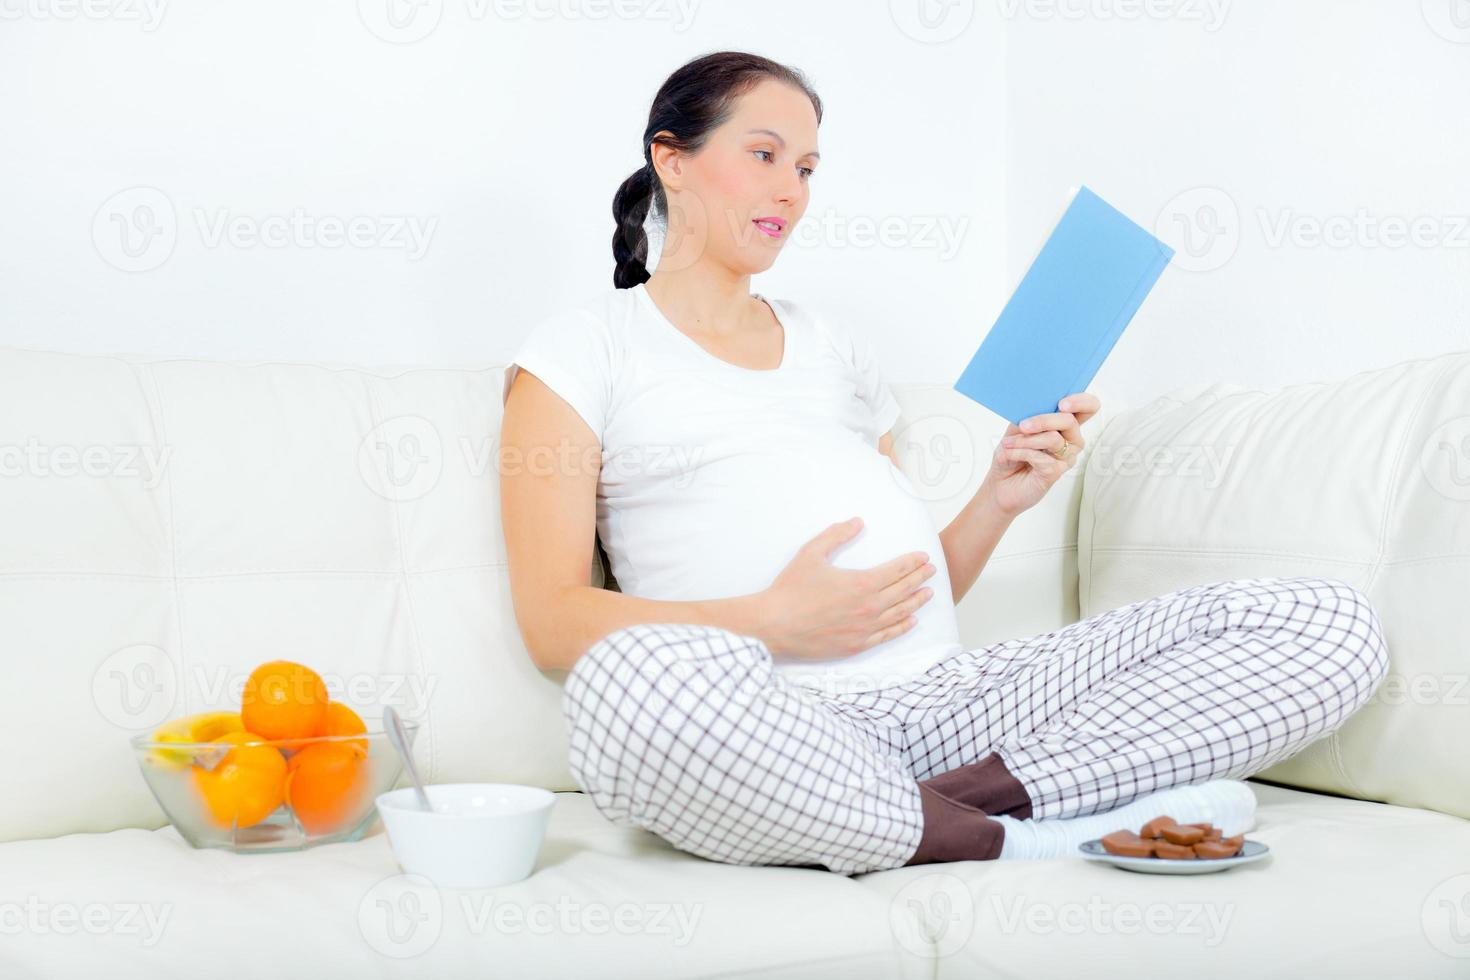 donna incinta che riposa sul divano, leggendo un libro. foto